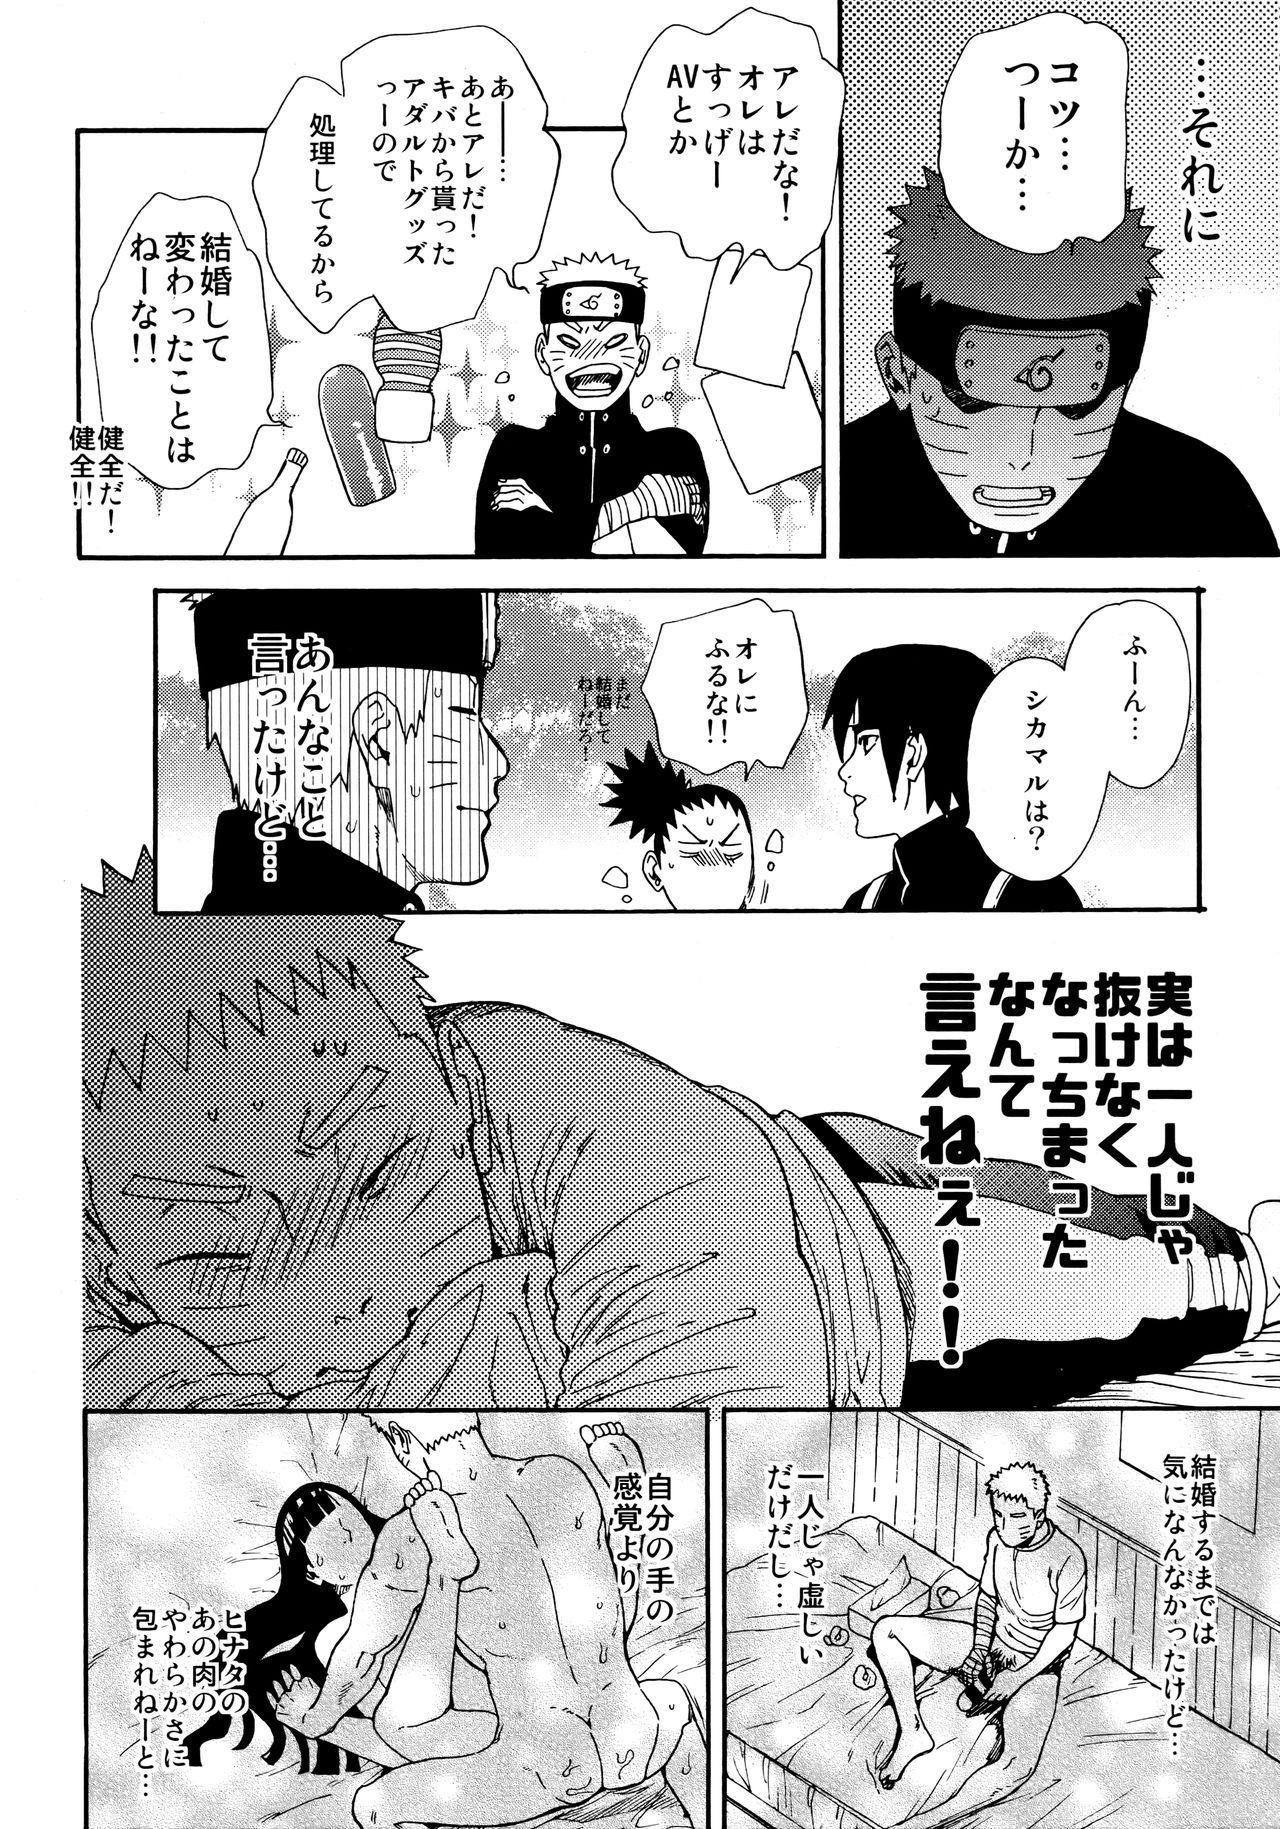 Tsuyo Gari, Dakishimete 18